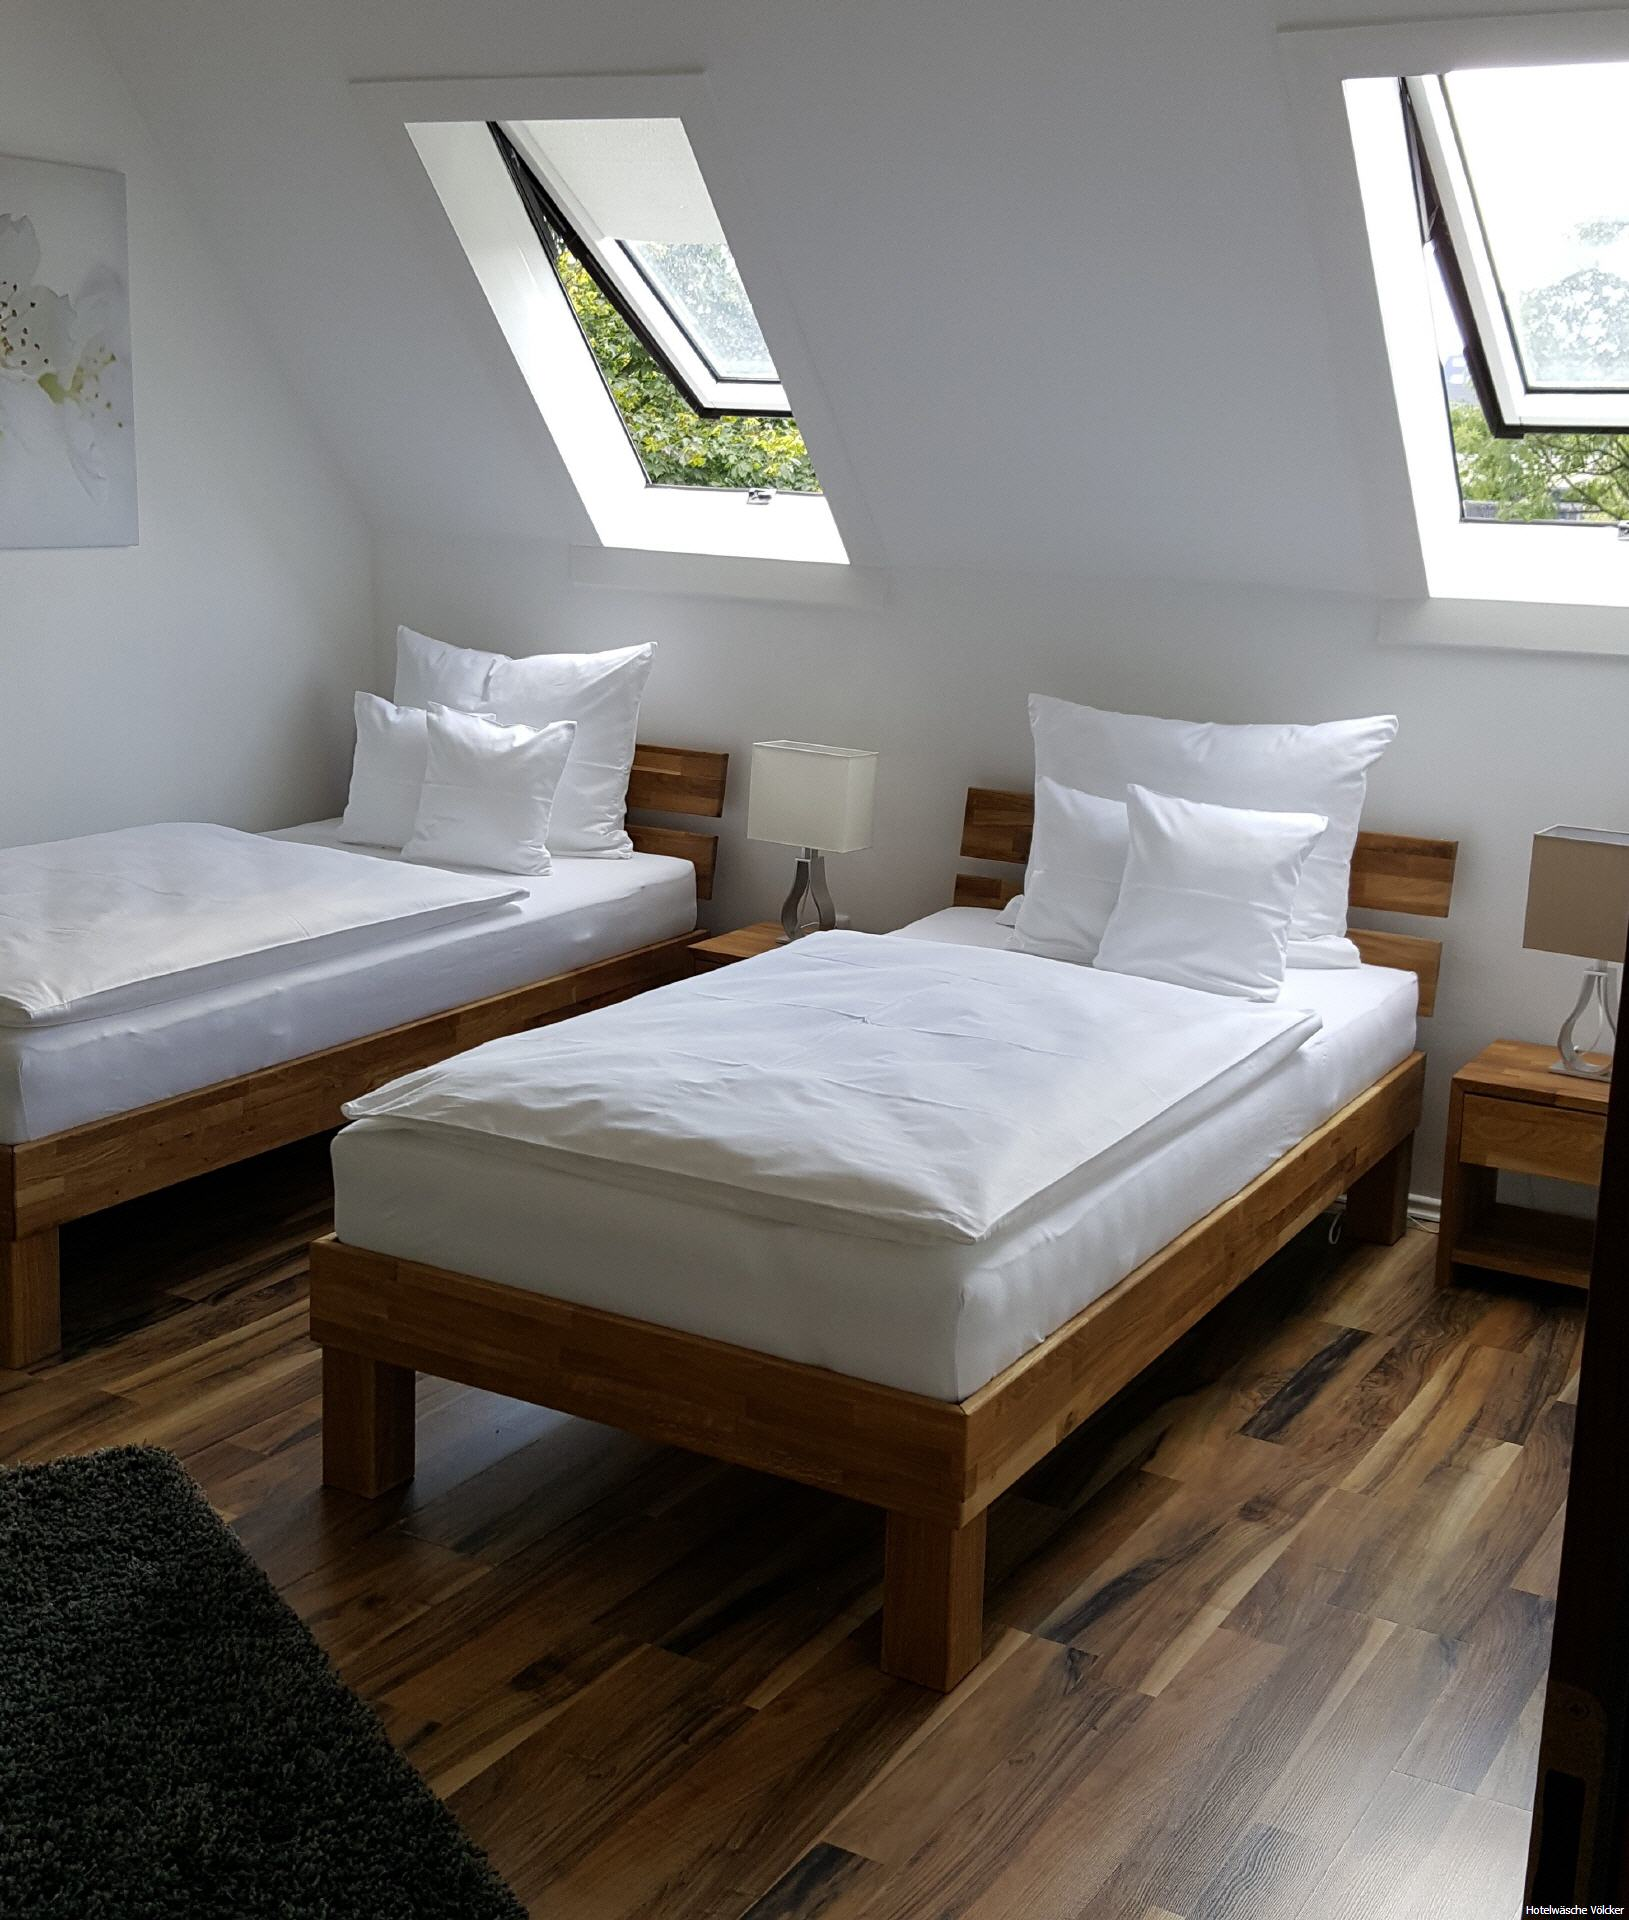 premium uni bettw sche venedig weiss uni satin f r hotel gastronomie gastrotex ihr. Black Bedroom Furniture Sets. Home Design Ideas